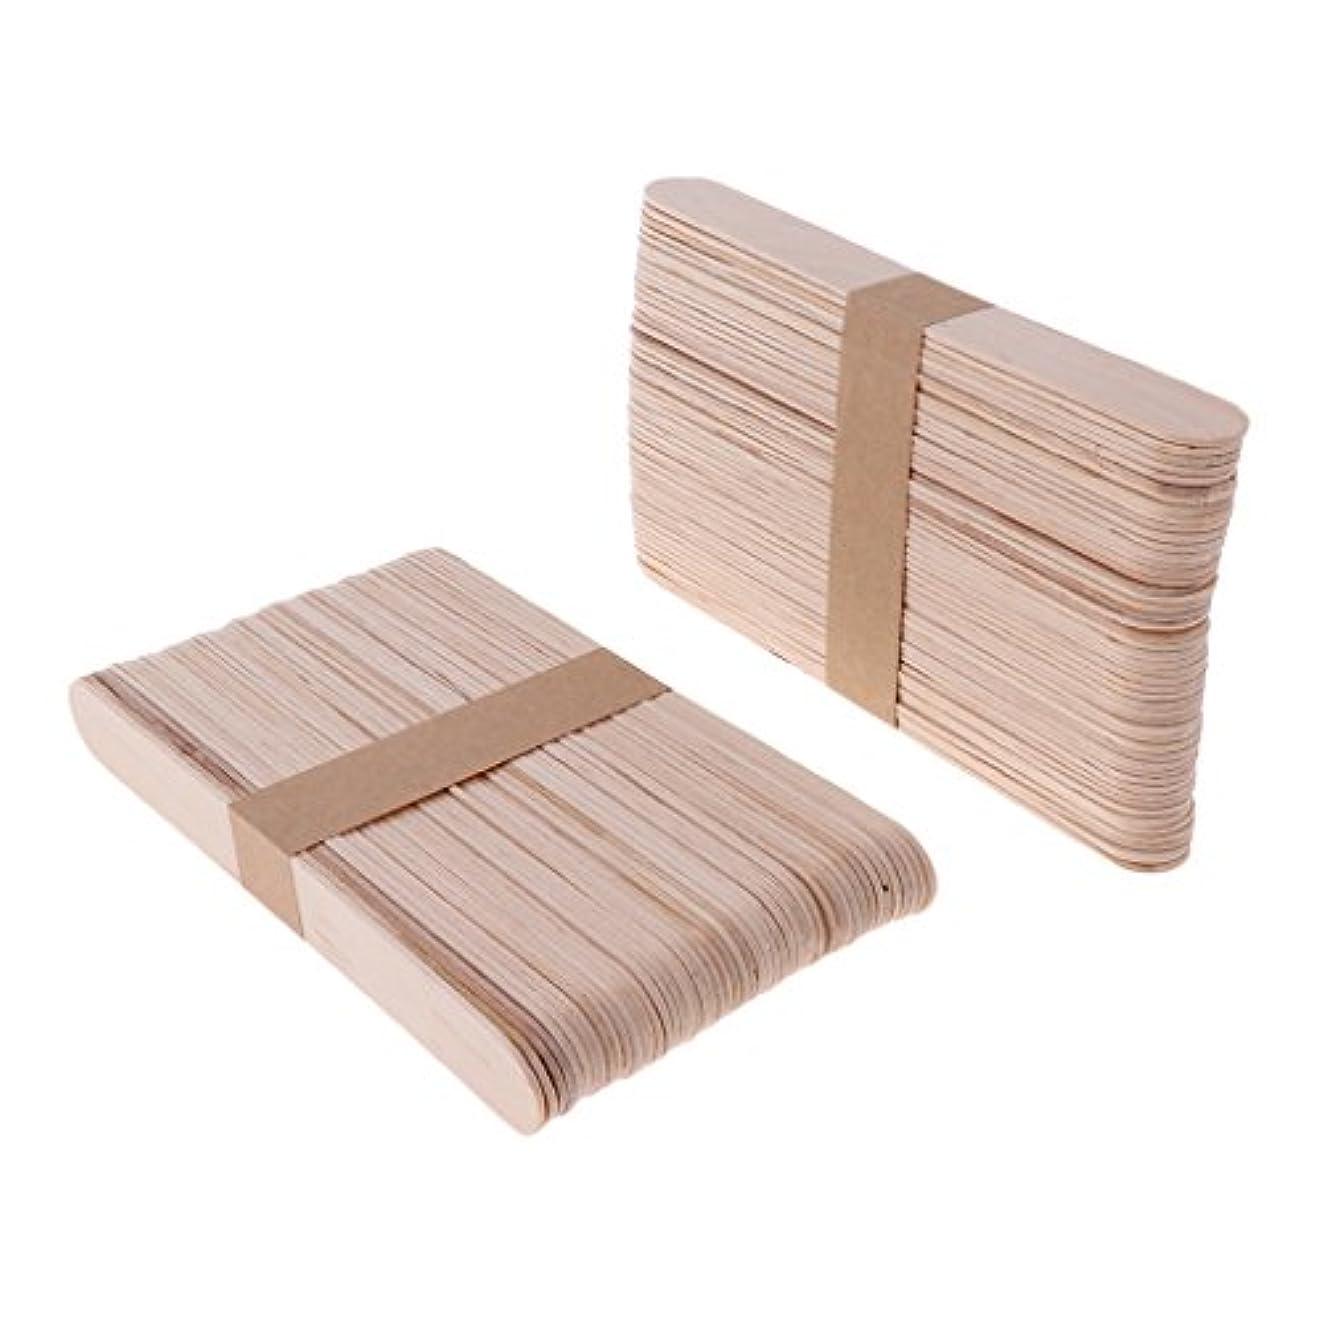 憂鬱な非公式元気木材スティック 脱毛 ワックス用 体毛除去 ウッド ワックススパチュラ 便利 200個 2サイズ - L